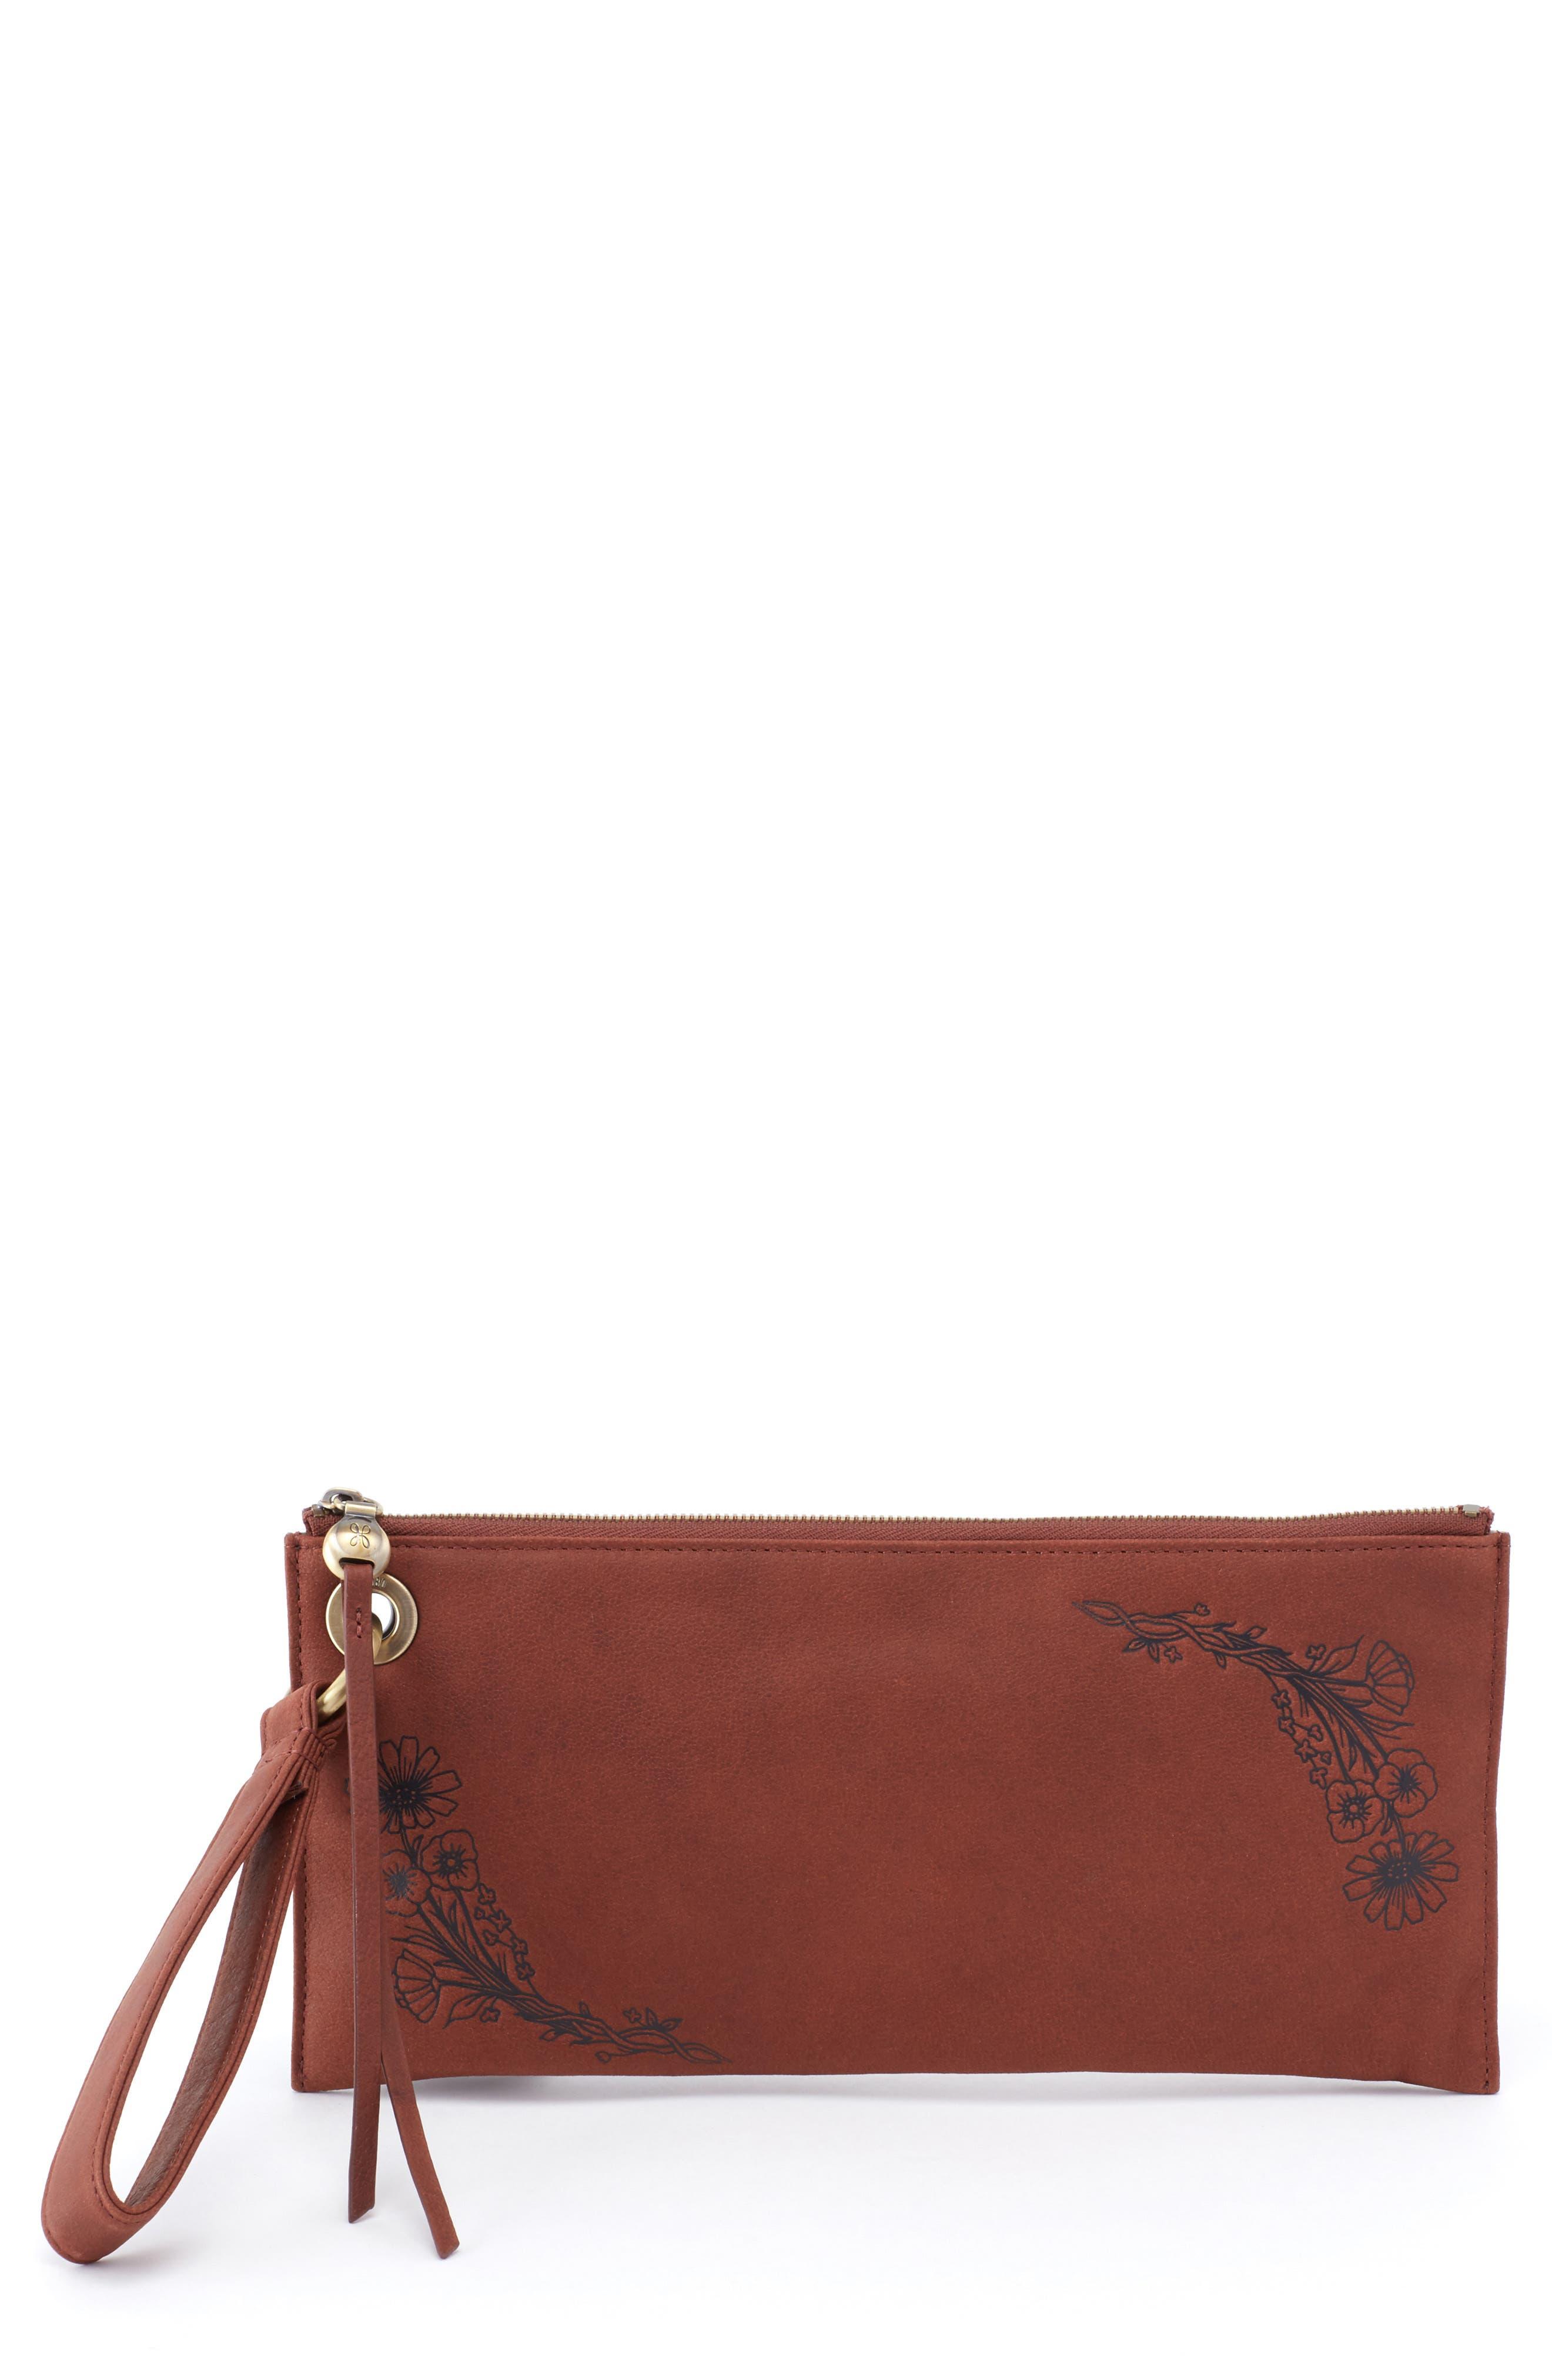 Hobo Vida Floral Leather Wristlet - Brown